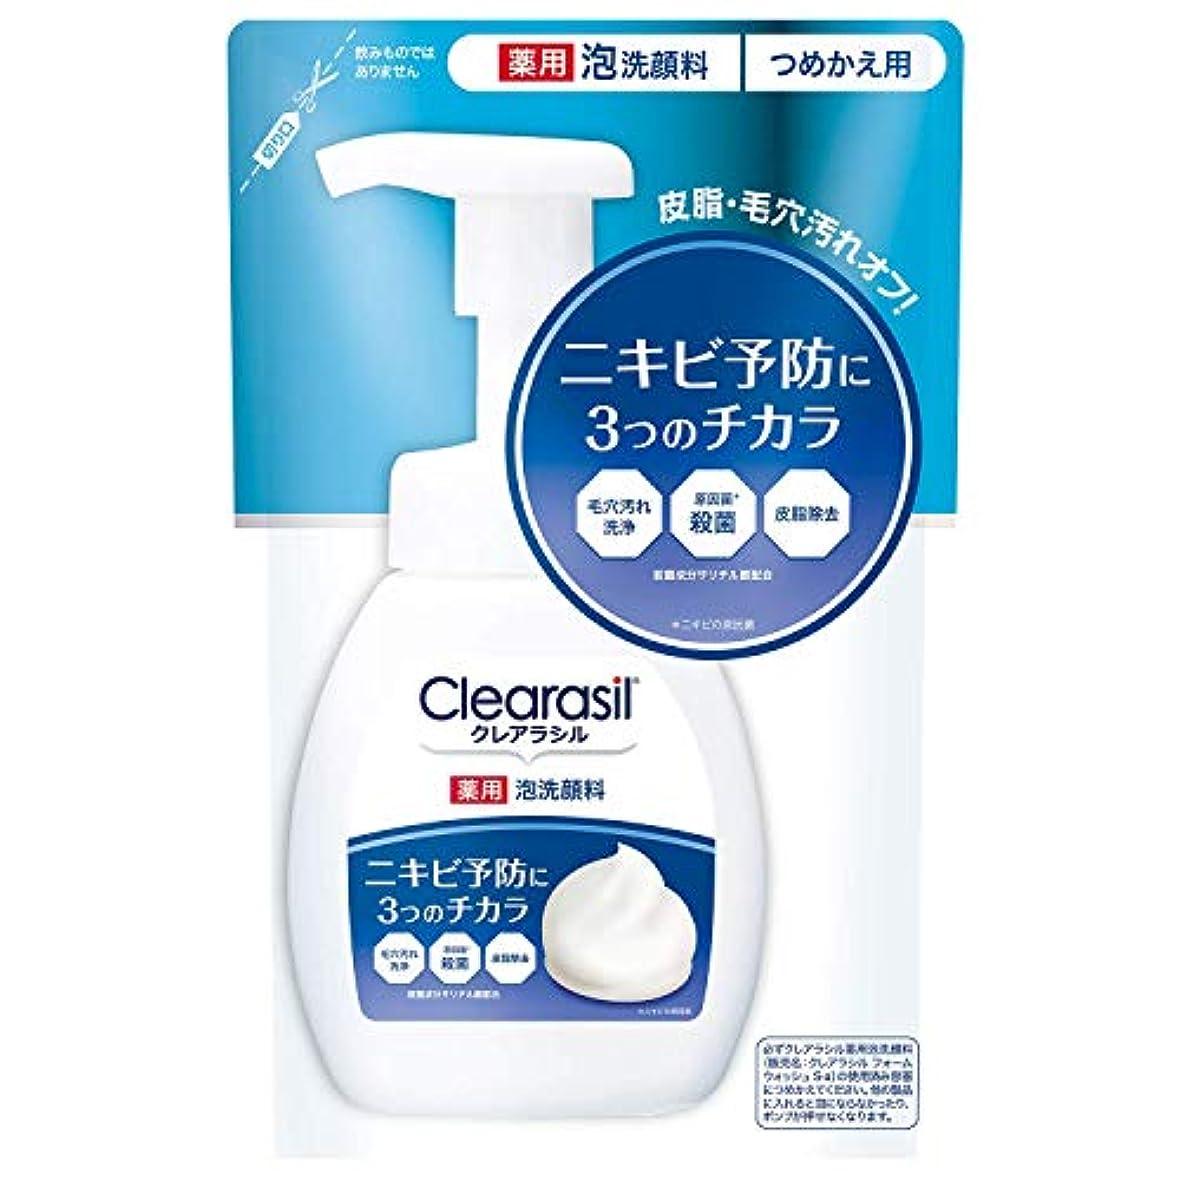 レッスン合併症不変【clearasil】クレアラシル 薬用泡洗顔フォーム10 つめかえ用 (180ml) ×5個セット